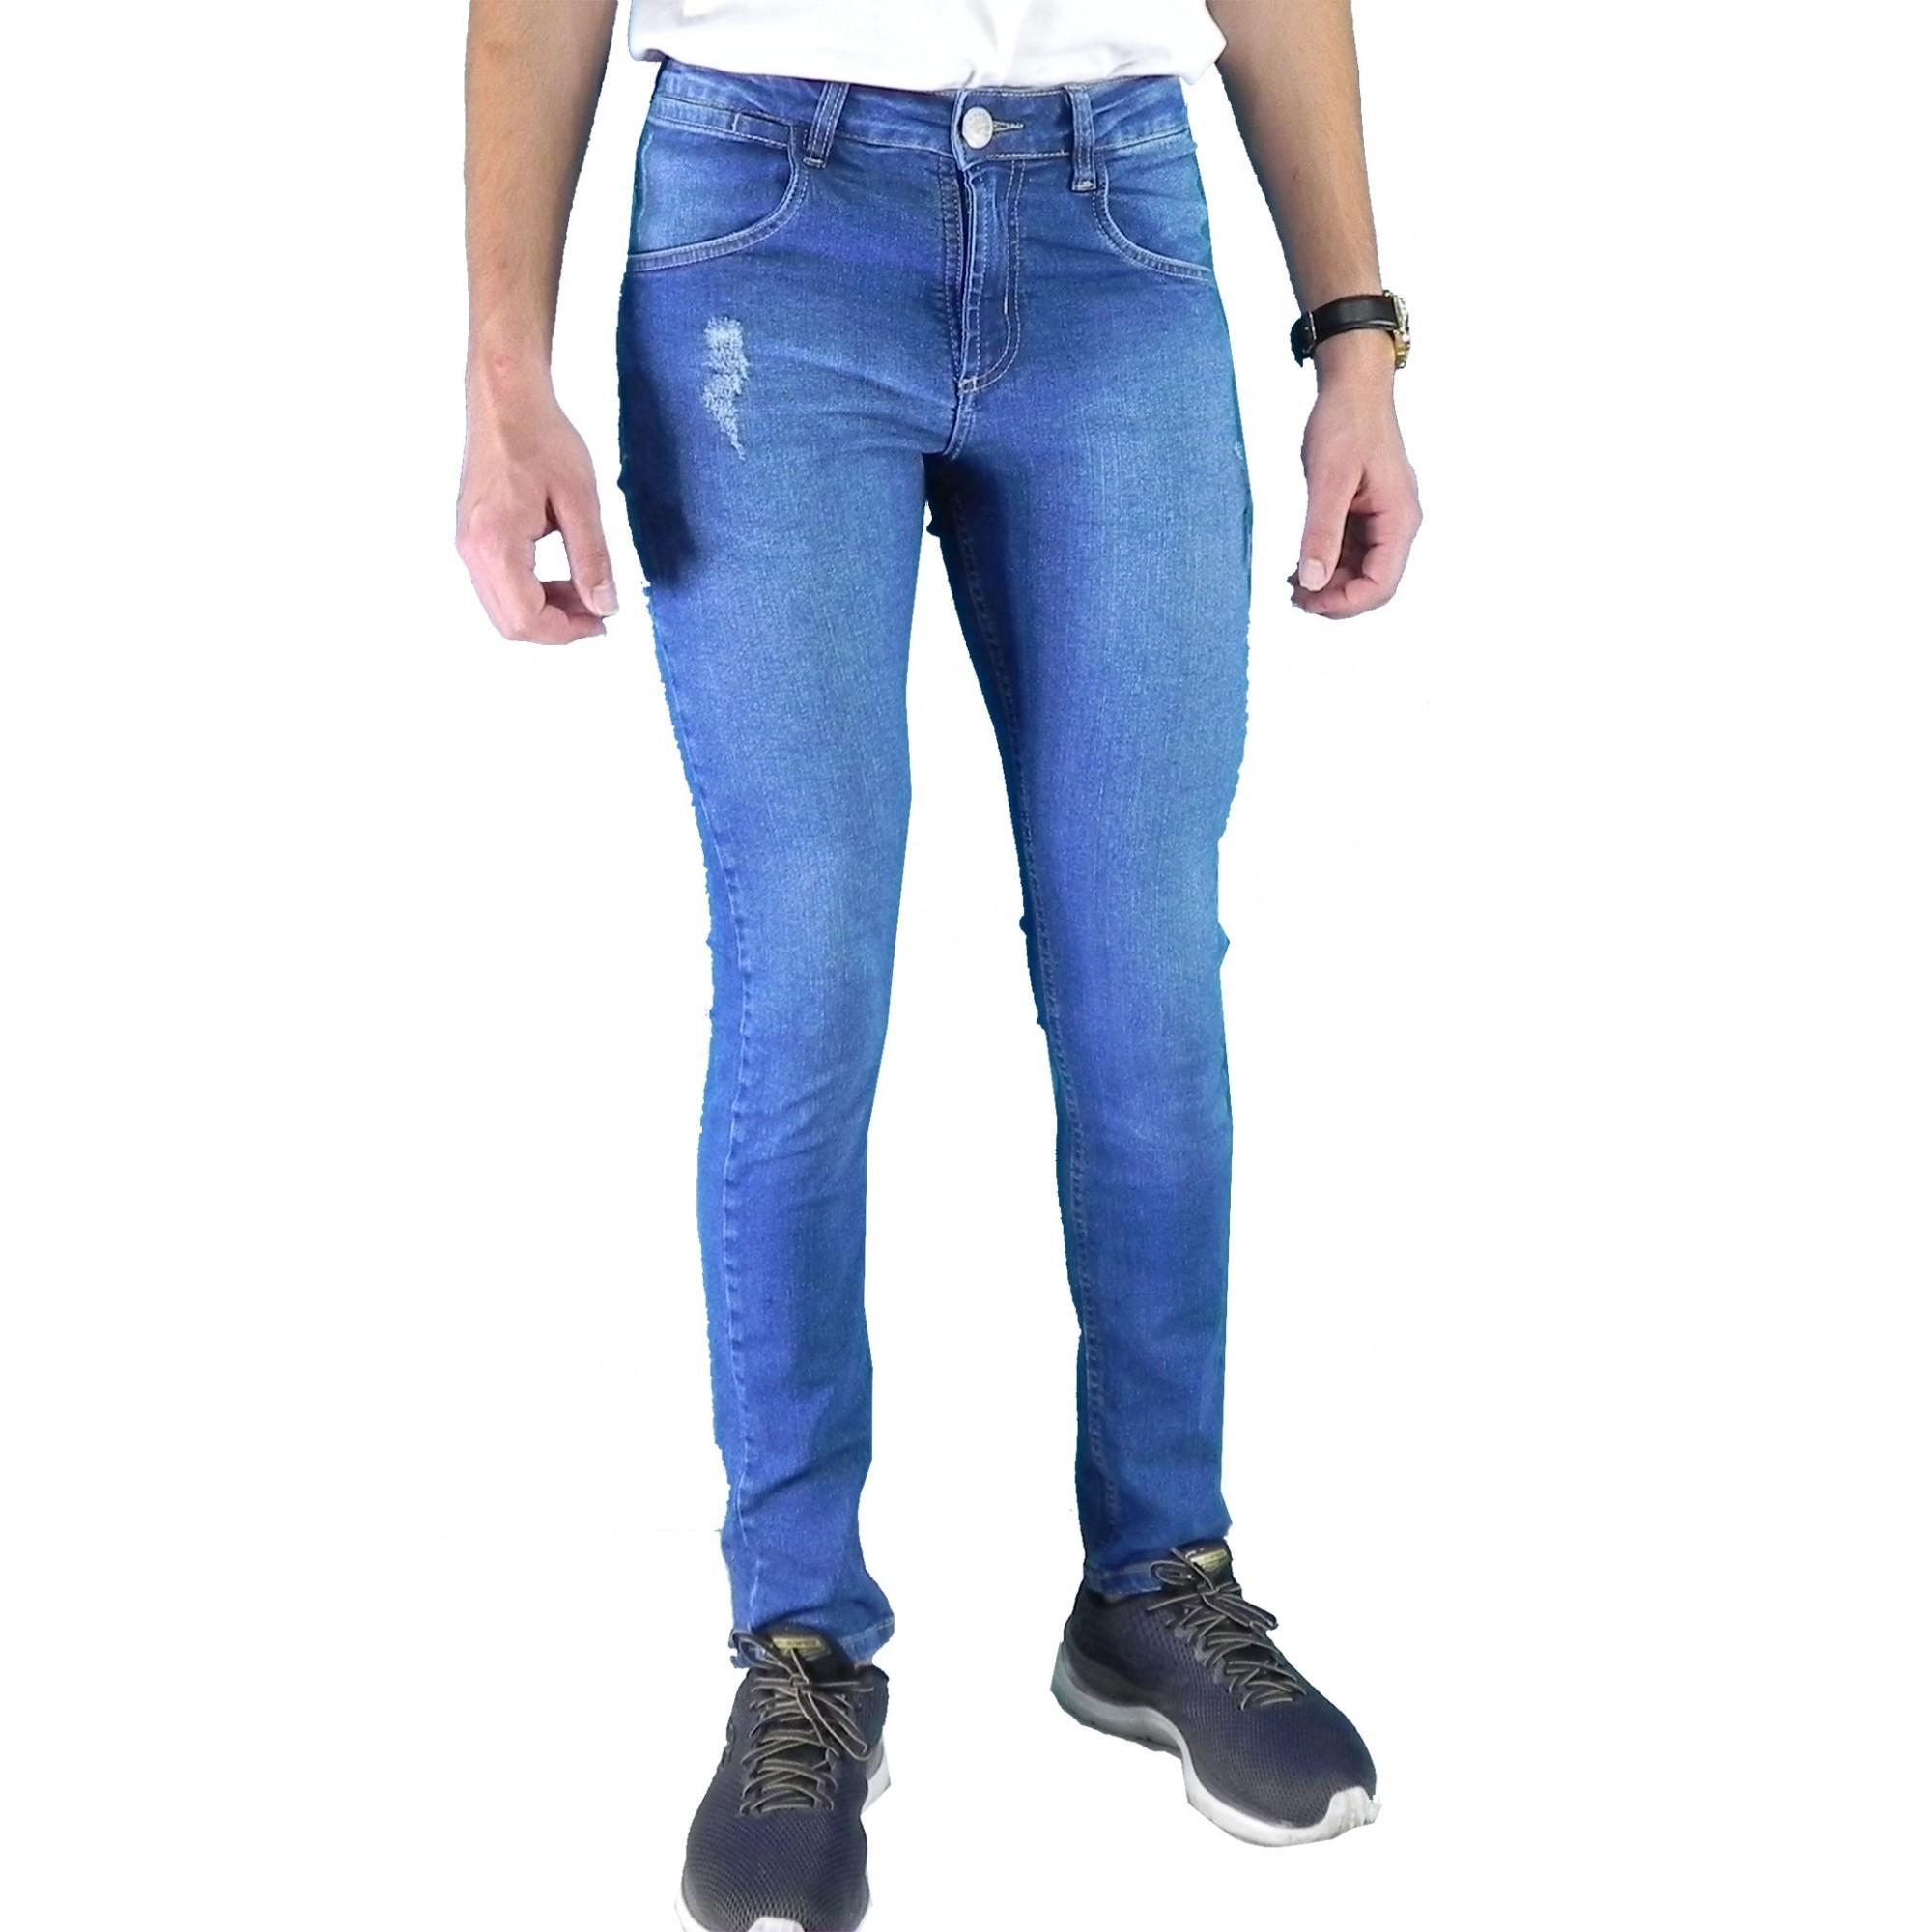 Calça Jeans Masculina Skinny Front Conexão